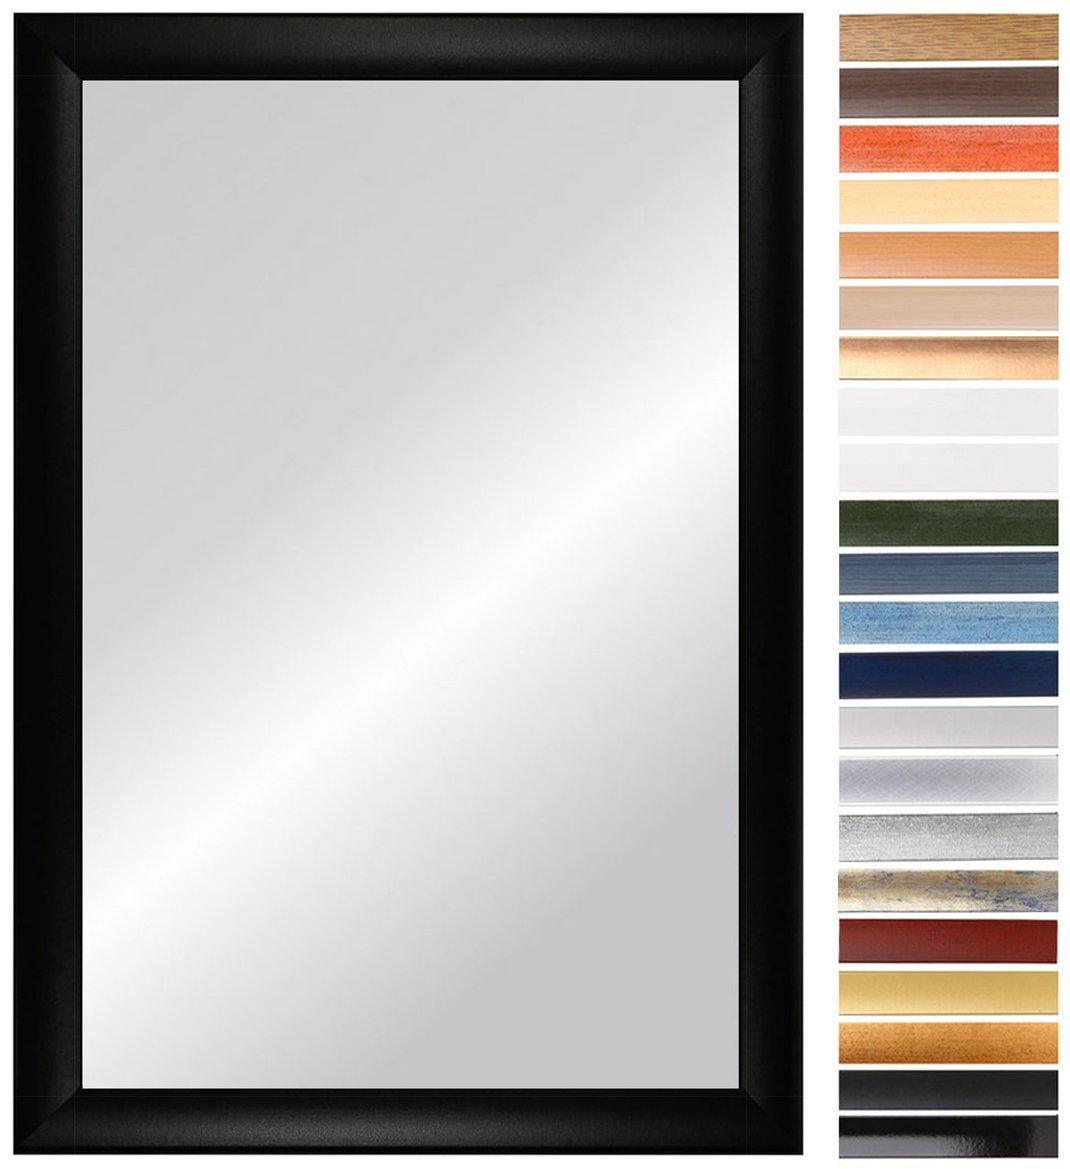 OLIMP 80 x 120 cm Spiegel nach Maß mit Rahmen, Rahmen Farbe: Weiss ...